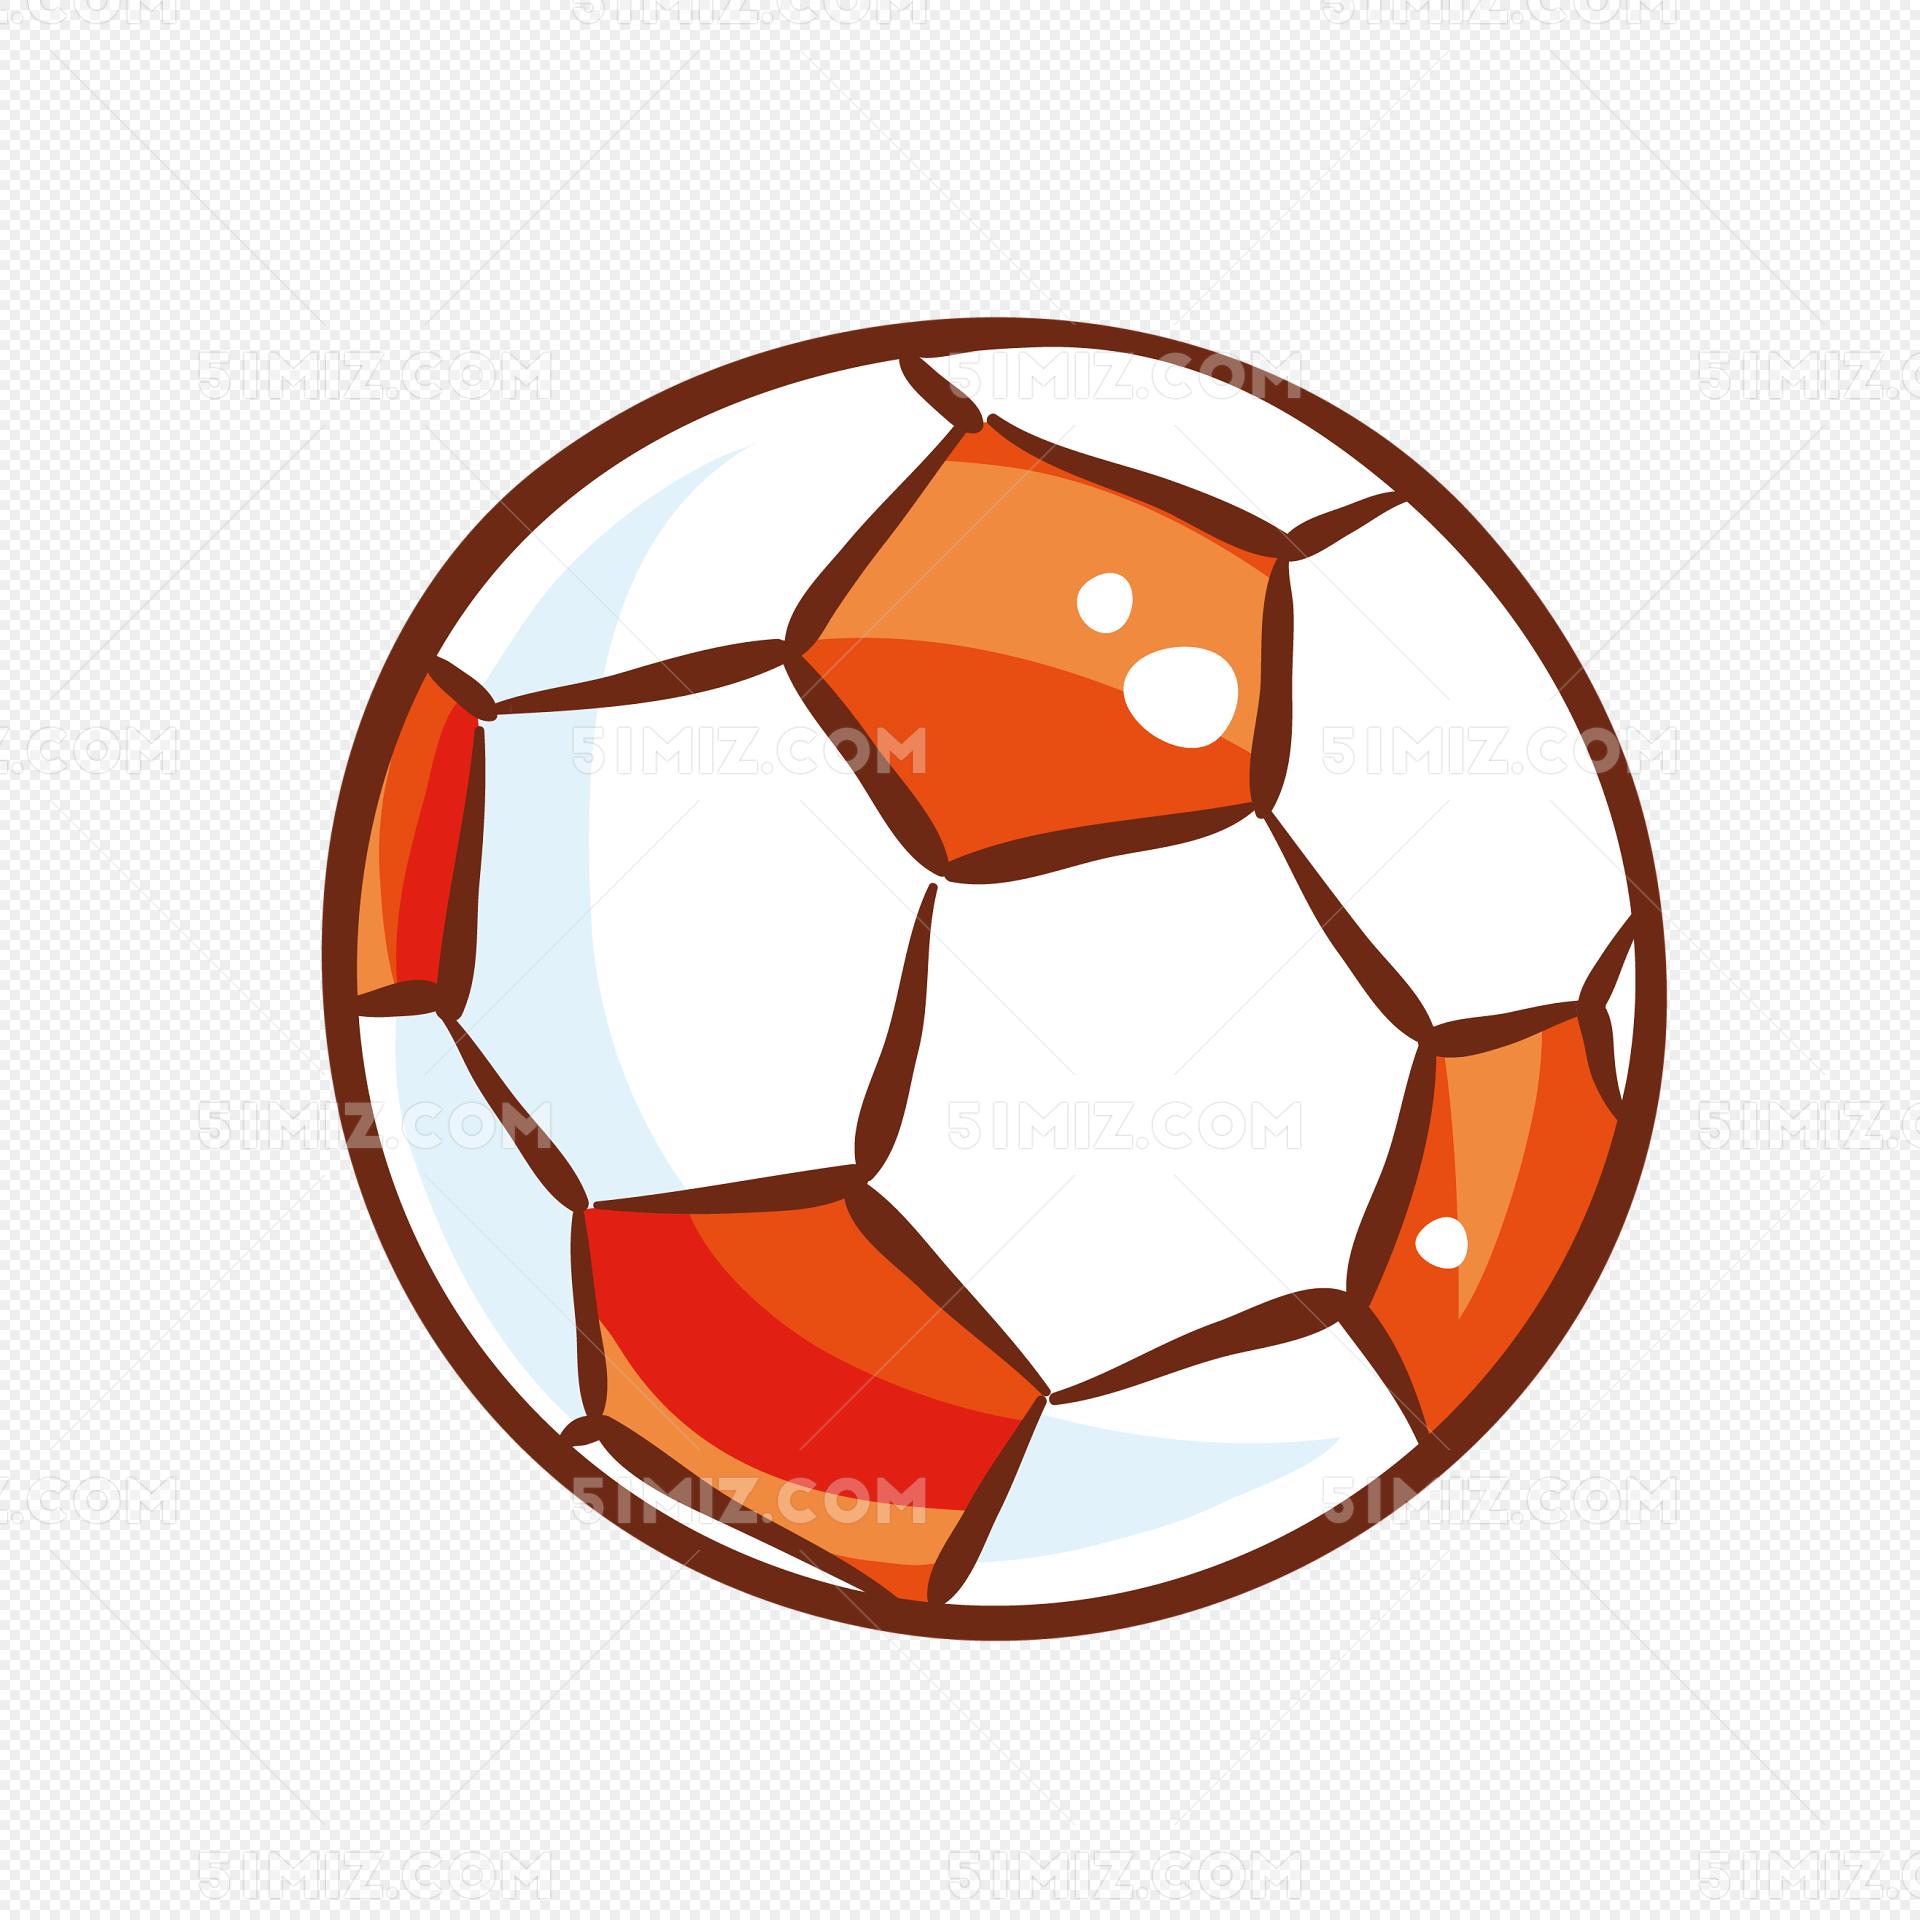 手绘矢量彩色运动足球